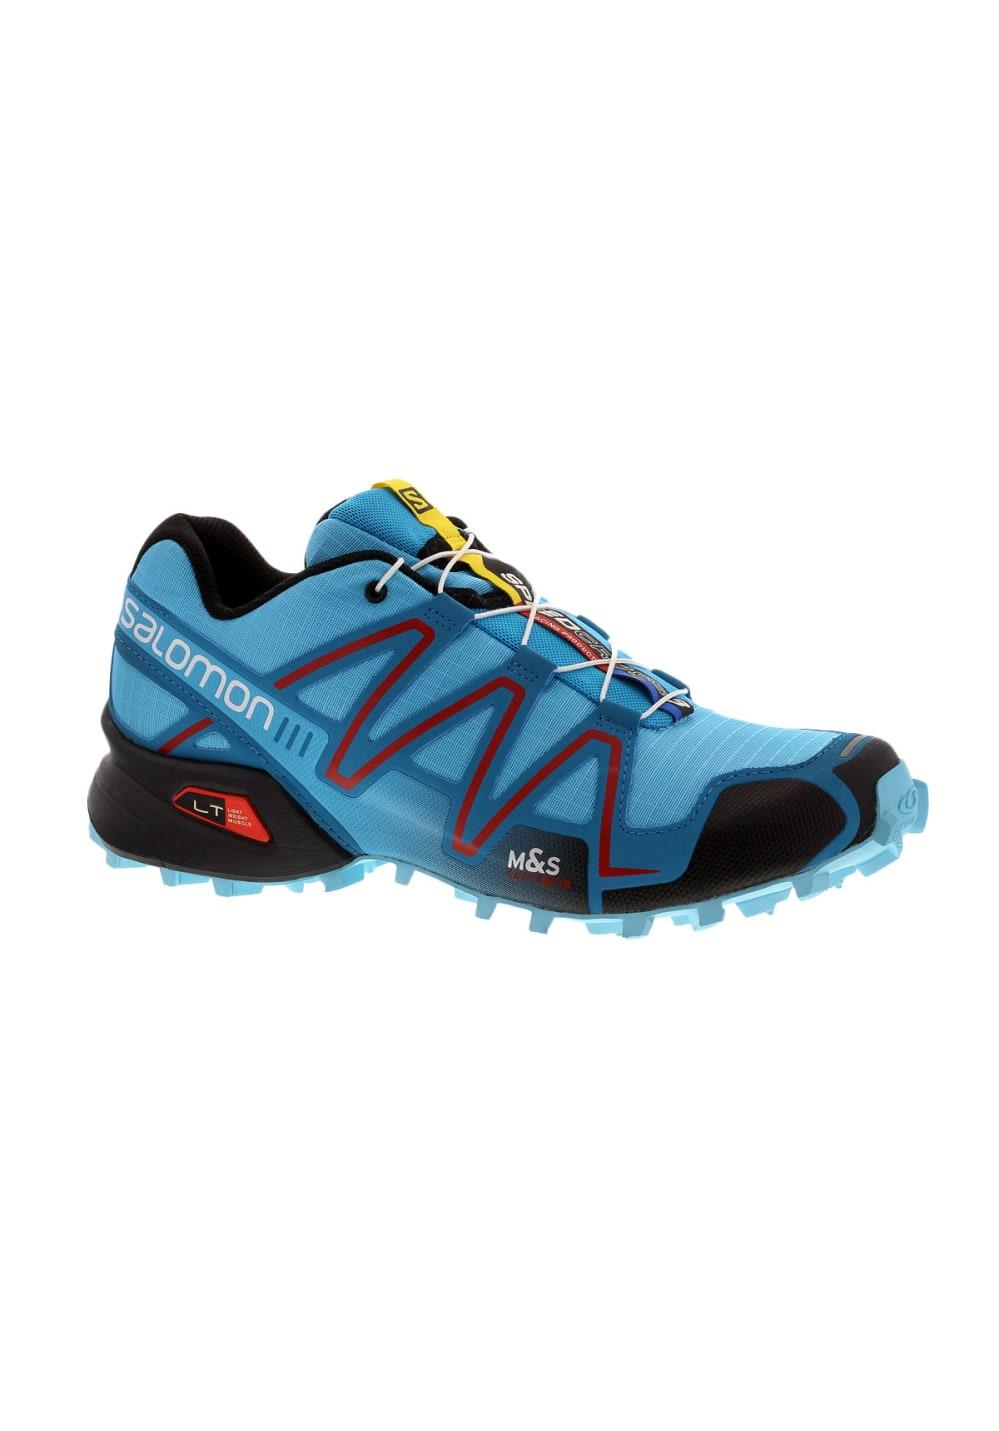 Bleu Salomon Running Femme Chaussures 3 Speedcross Pour MUzSpqVG